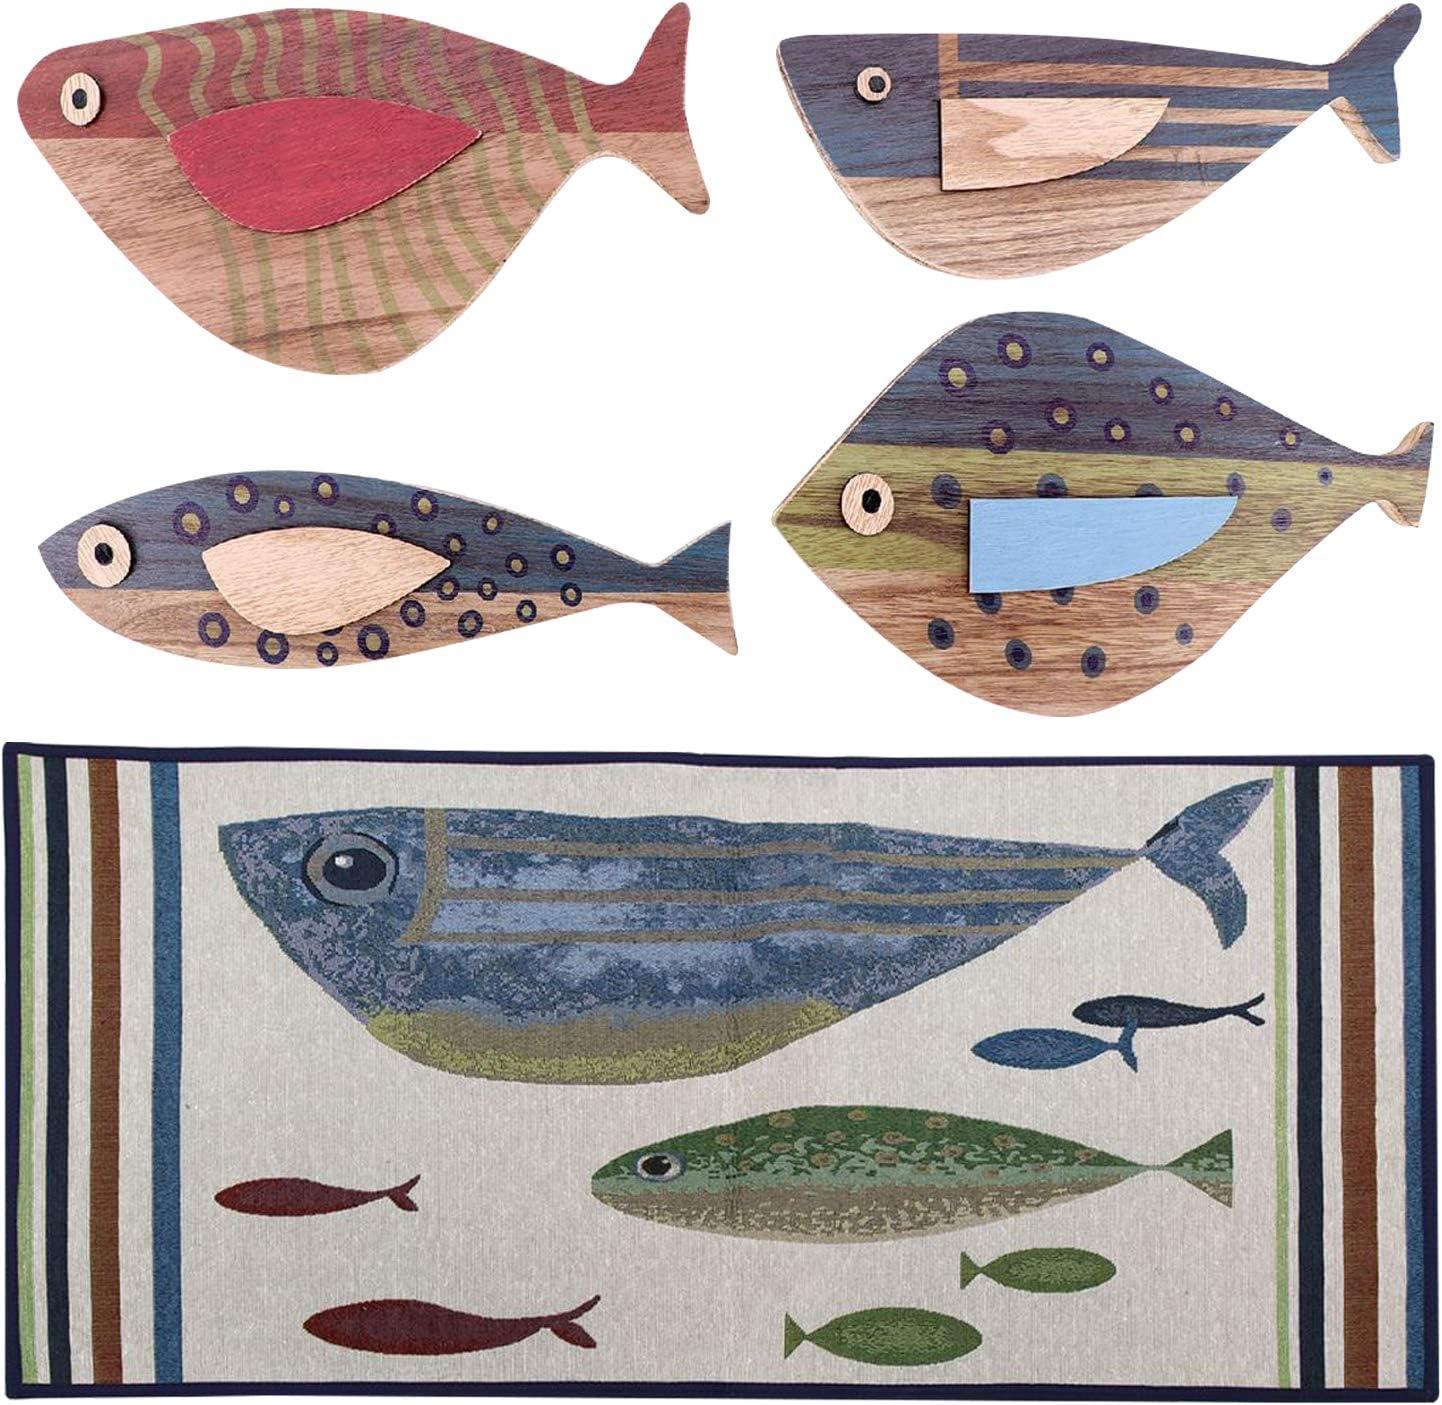 Corner Merchant Lake House Rug and Fish Wall Decor for The Home - Wooden Fish Wall Decor and Fish Rug Set